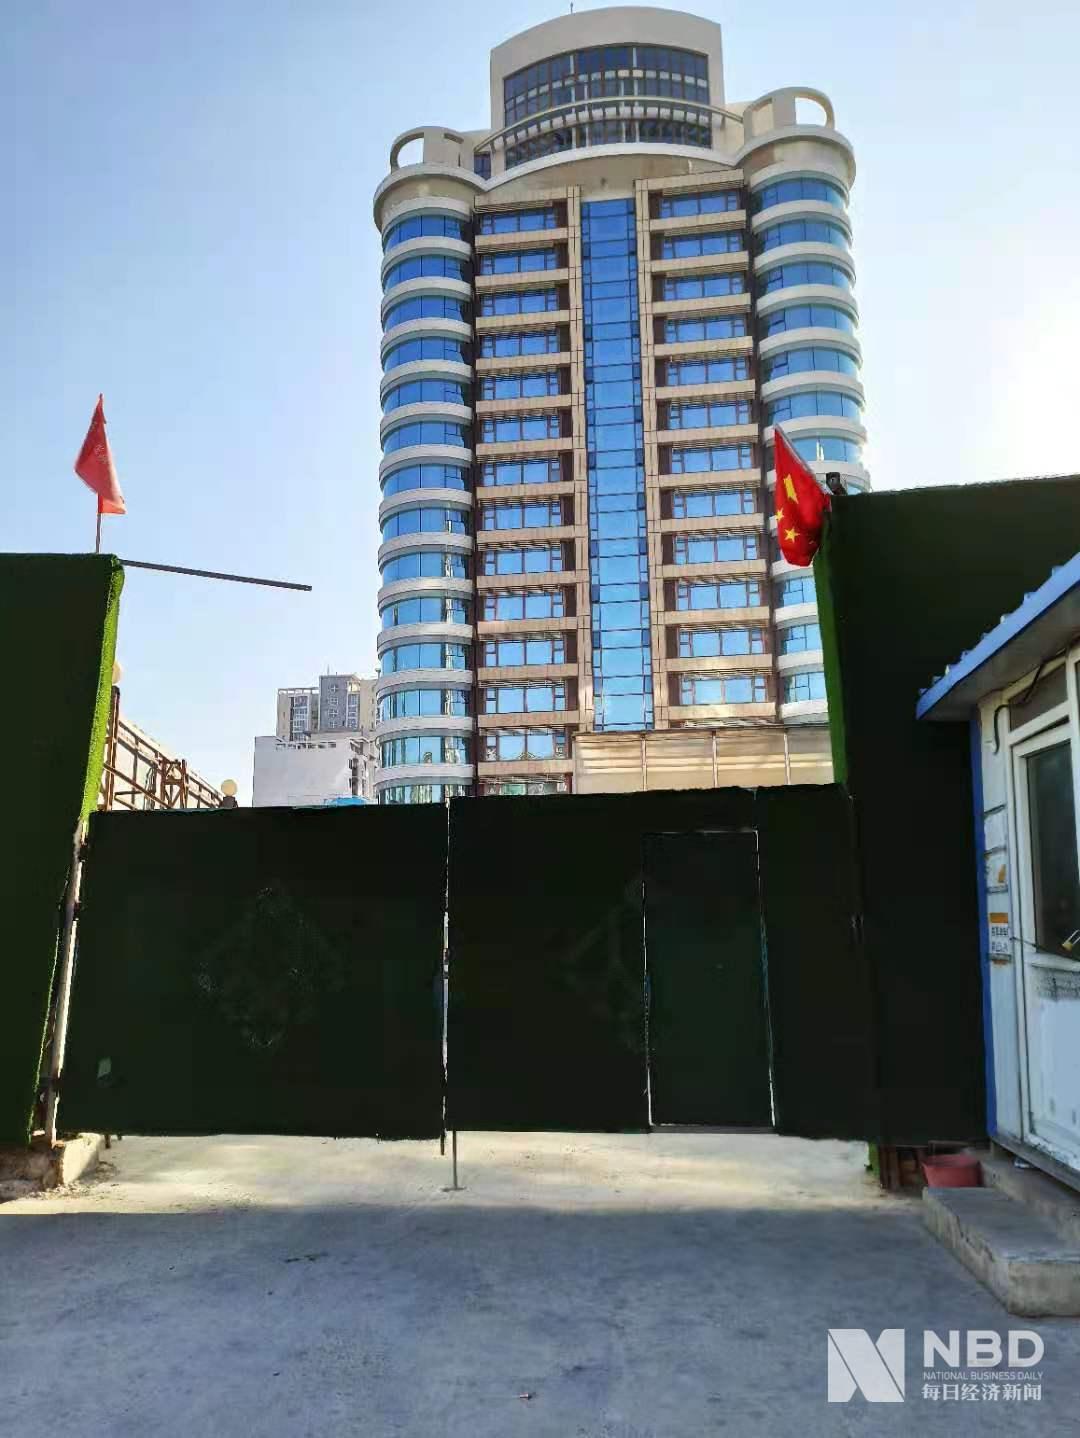 7000万买的北京准现房竟无预售证!业主欲花百万打官司确权